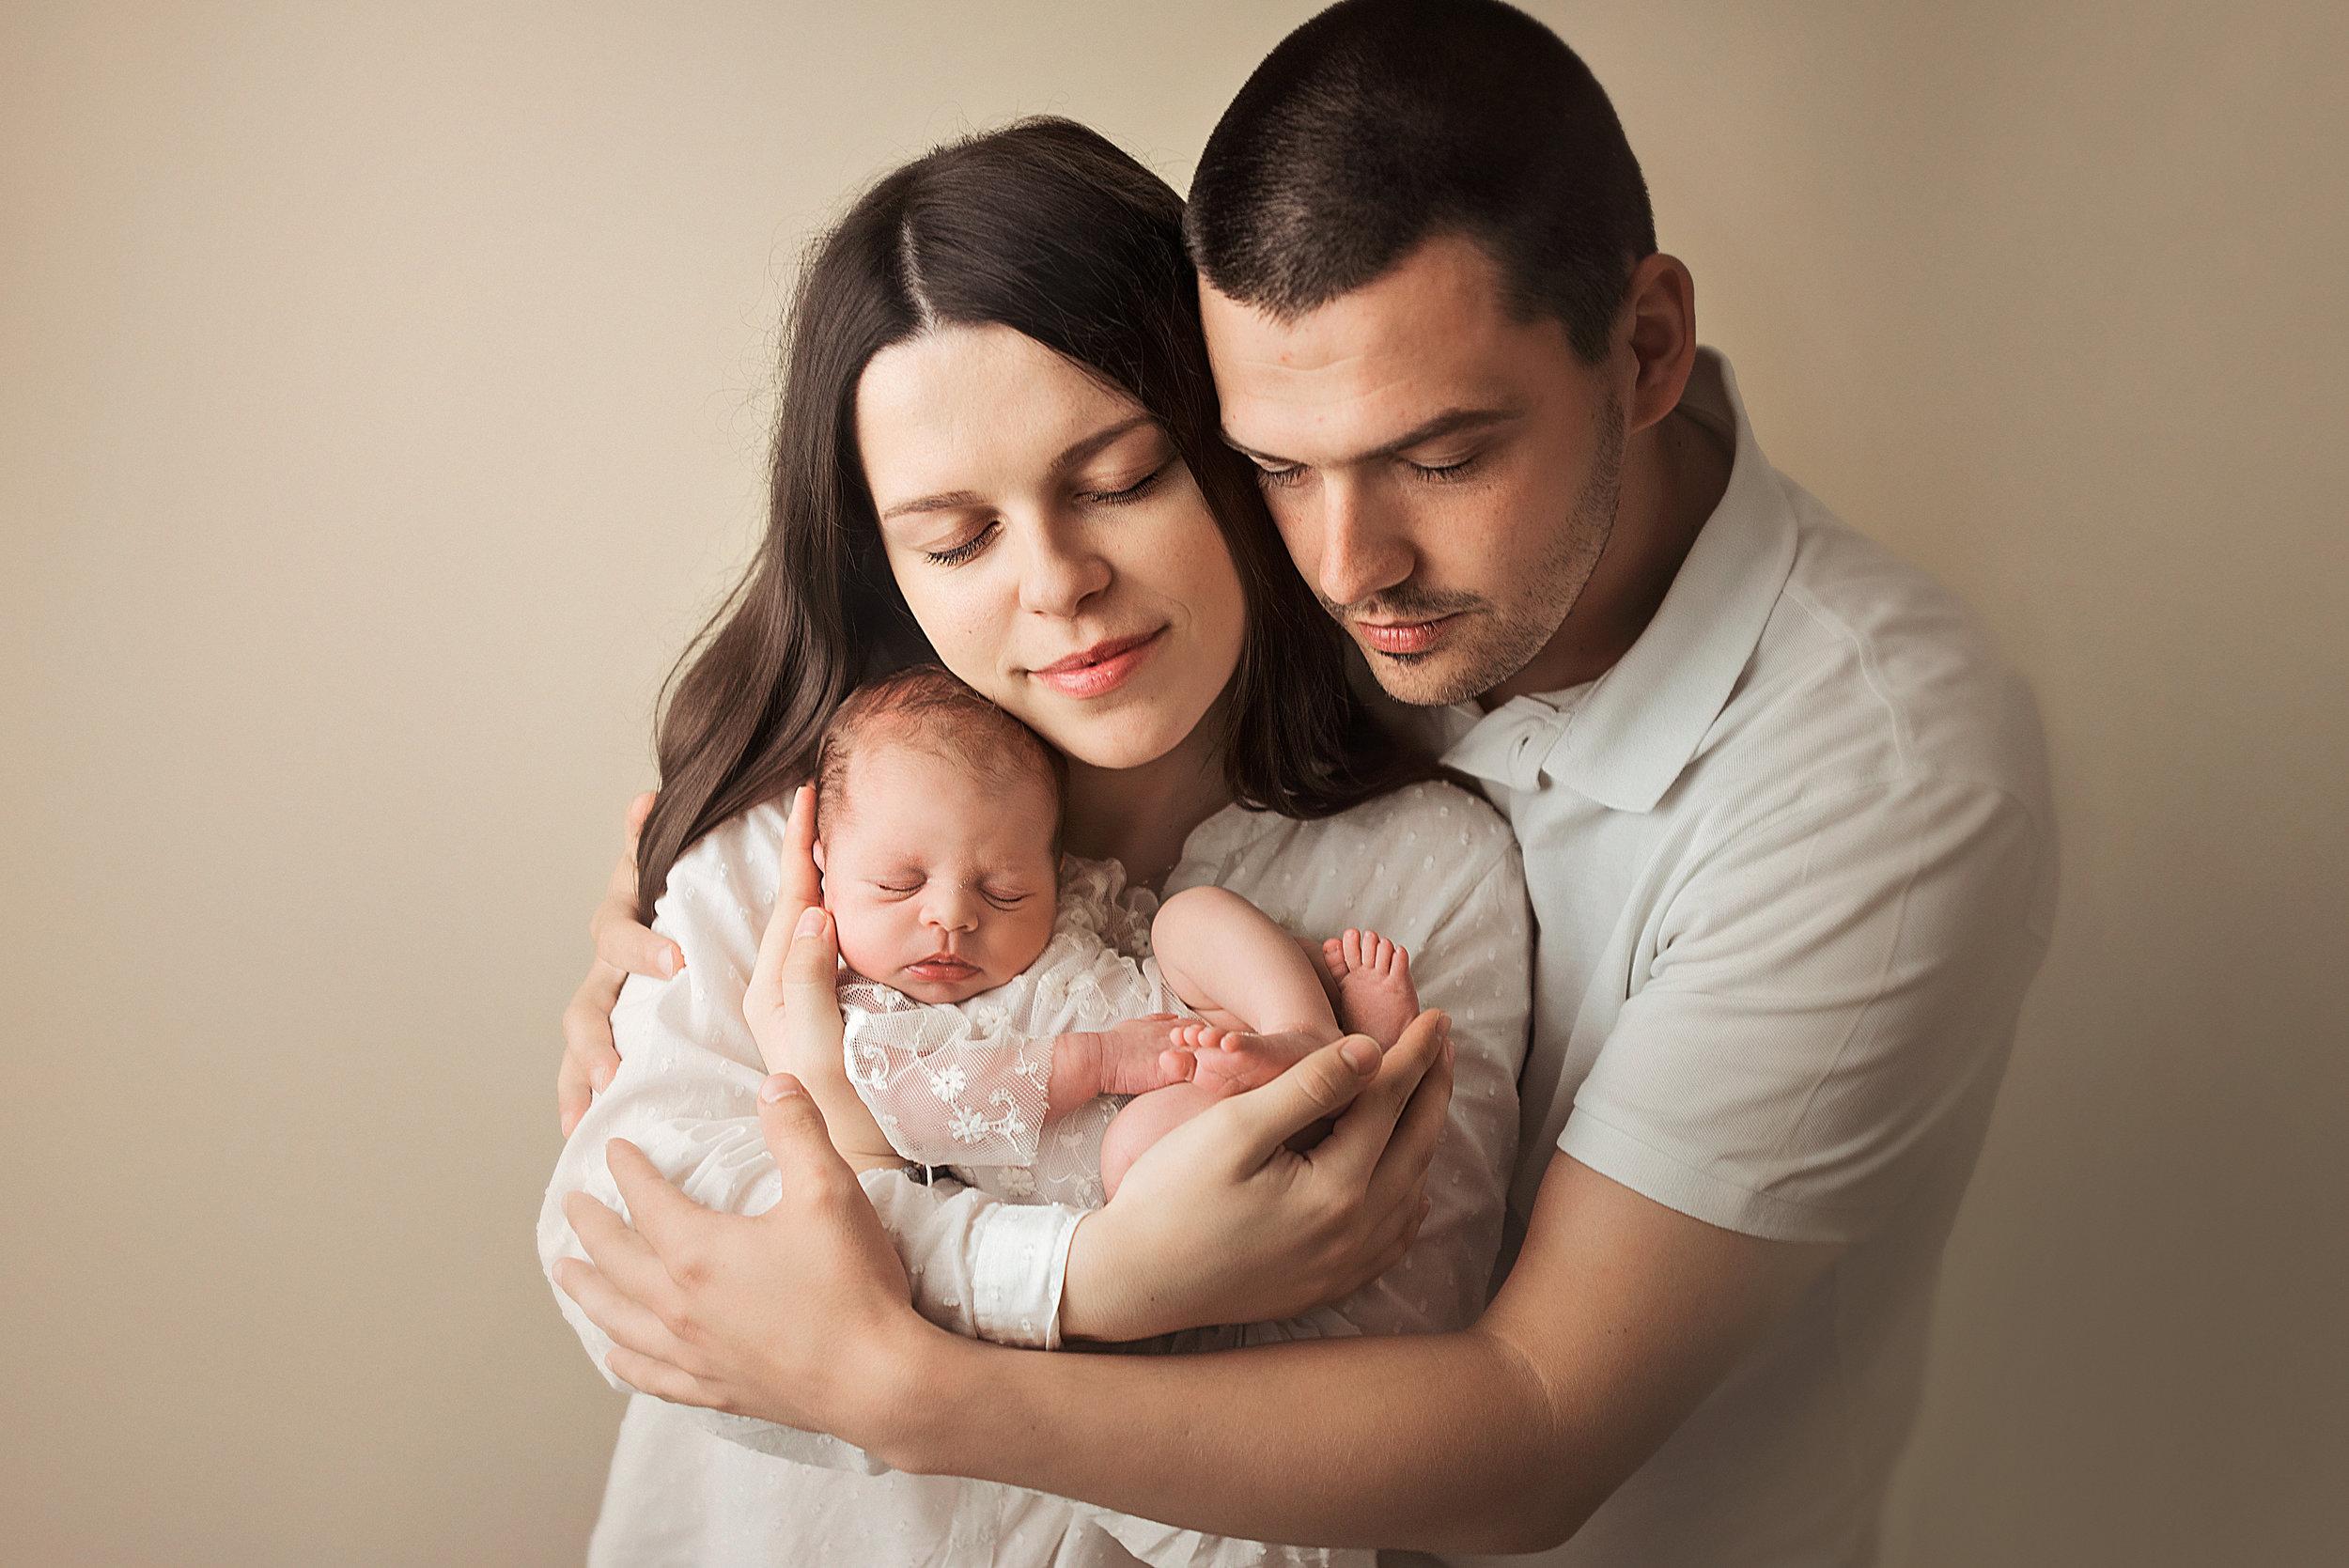 Akontaciju je potrebno uplatiti ili prilikom bilježenja termina poroda ili mjesec dana prije predviđenog termina poroda.Akontacija iznosi 600kn -